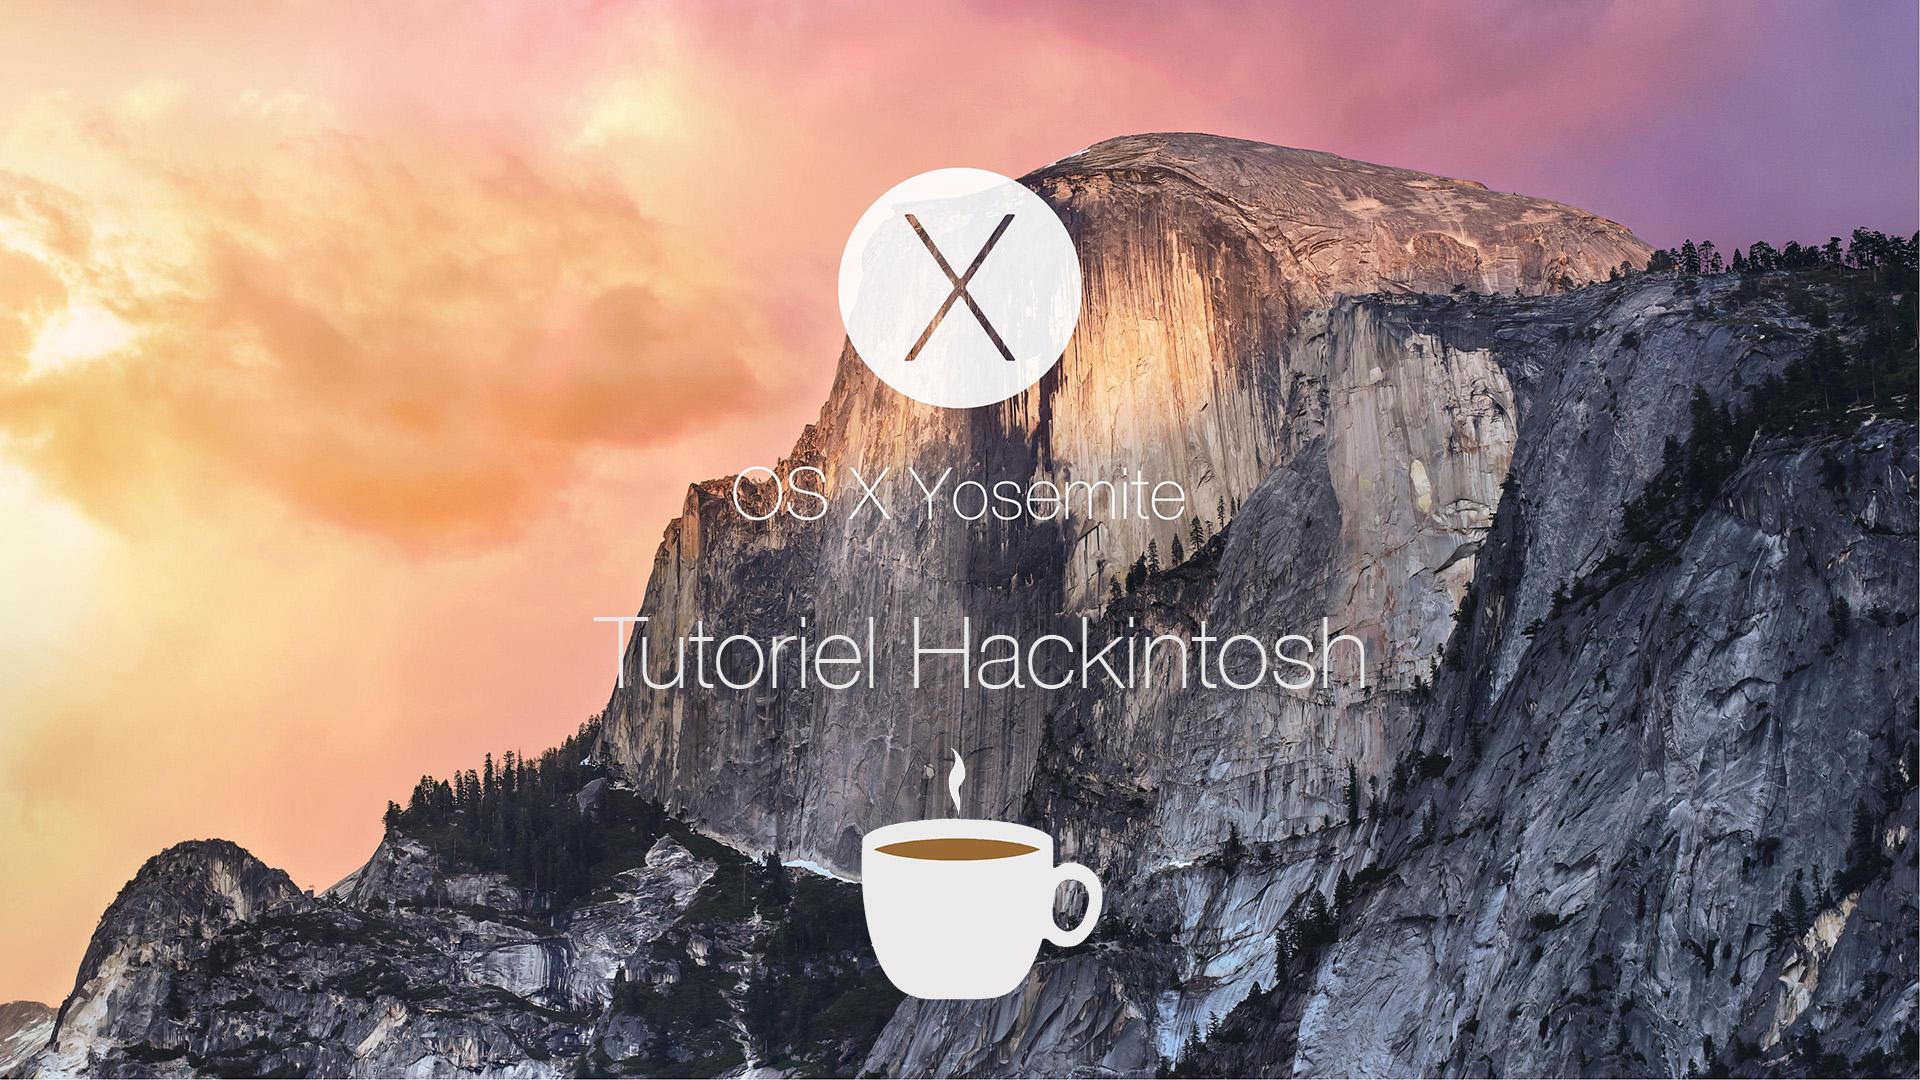 OS-X-Yosemite-logo-lecafedugeek